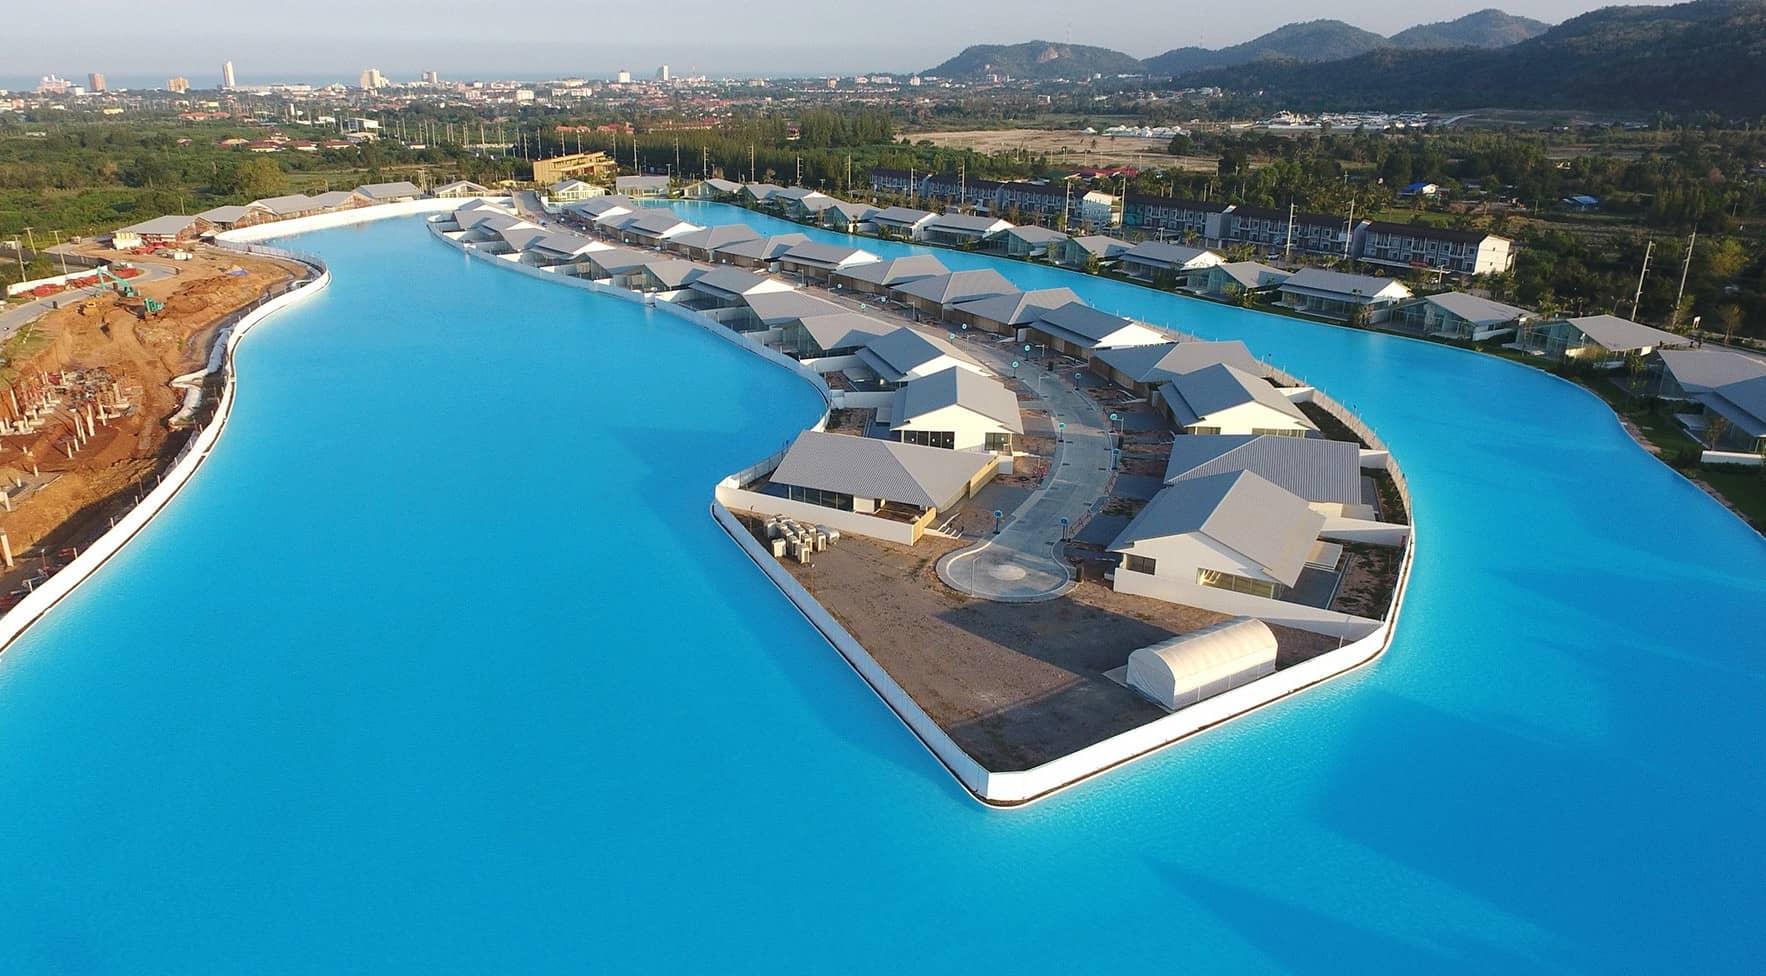 Mahasamutr, una de las piscinas más grandes del mundo y de todo el continente asiático.